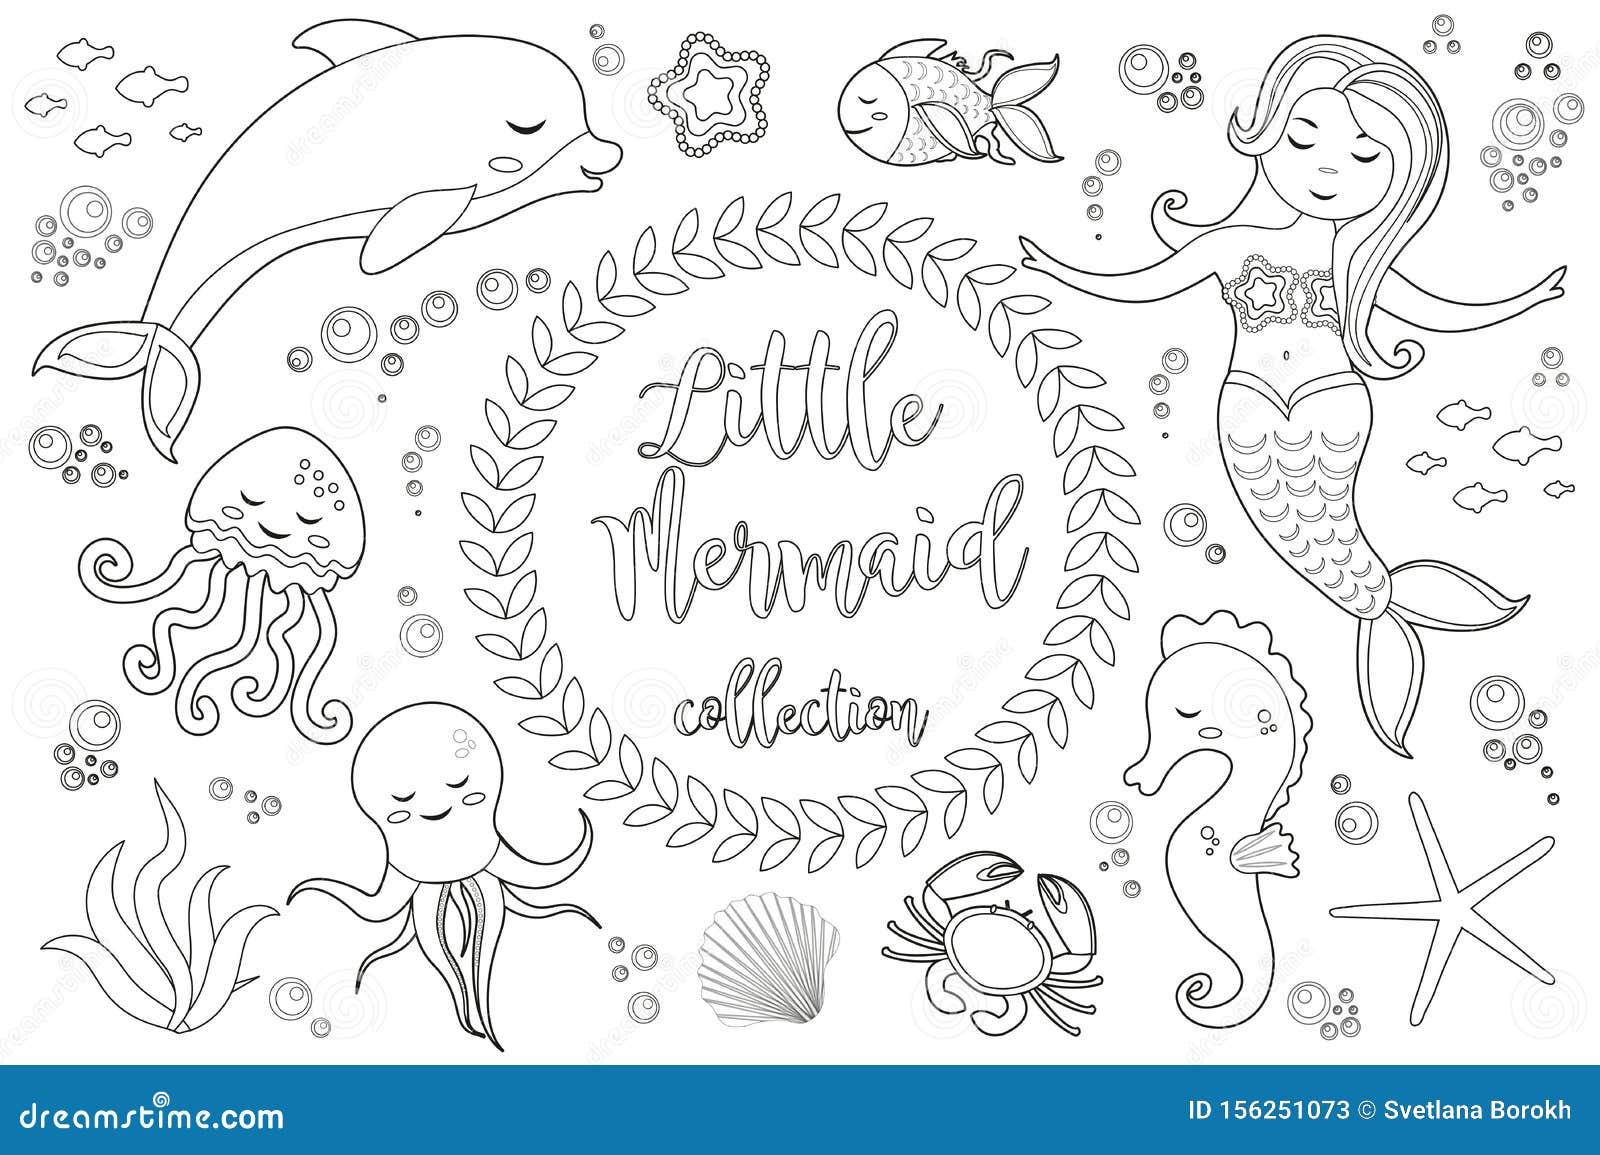 cute kleine meerjungfrau und unterwasserwelt set coloring